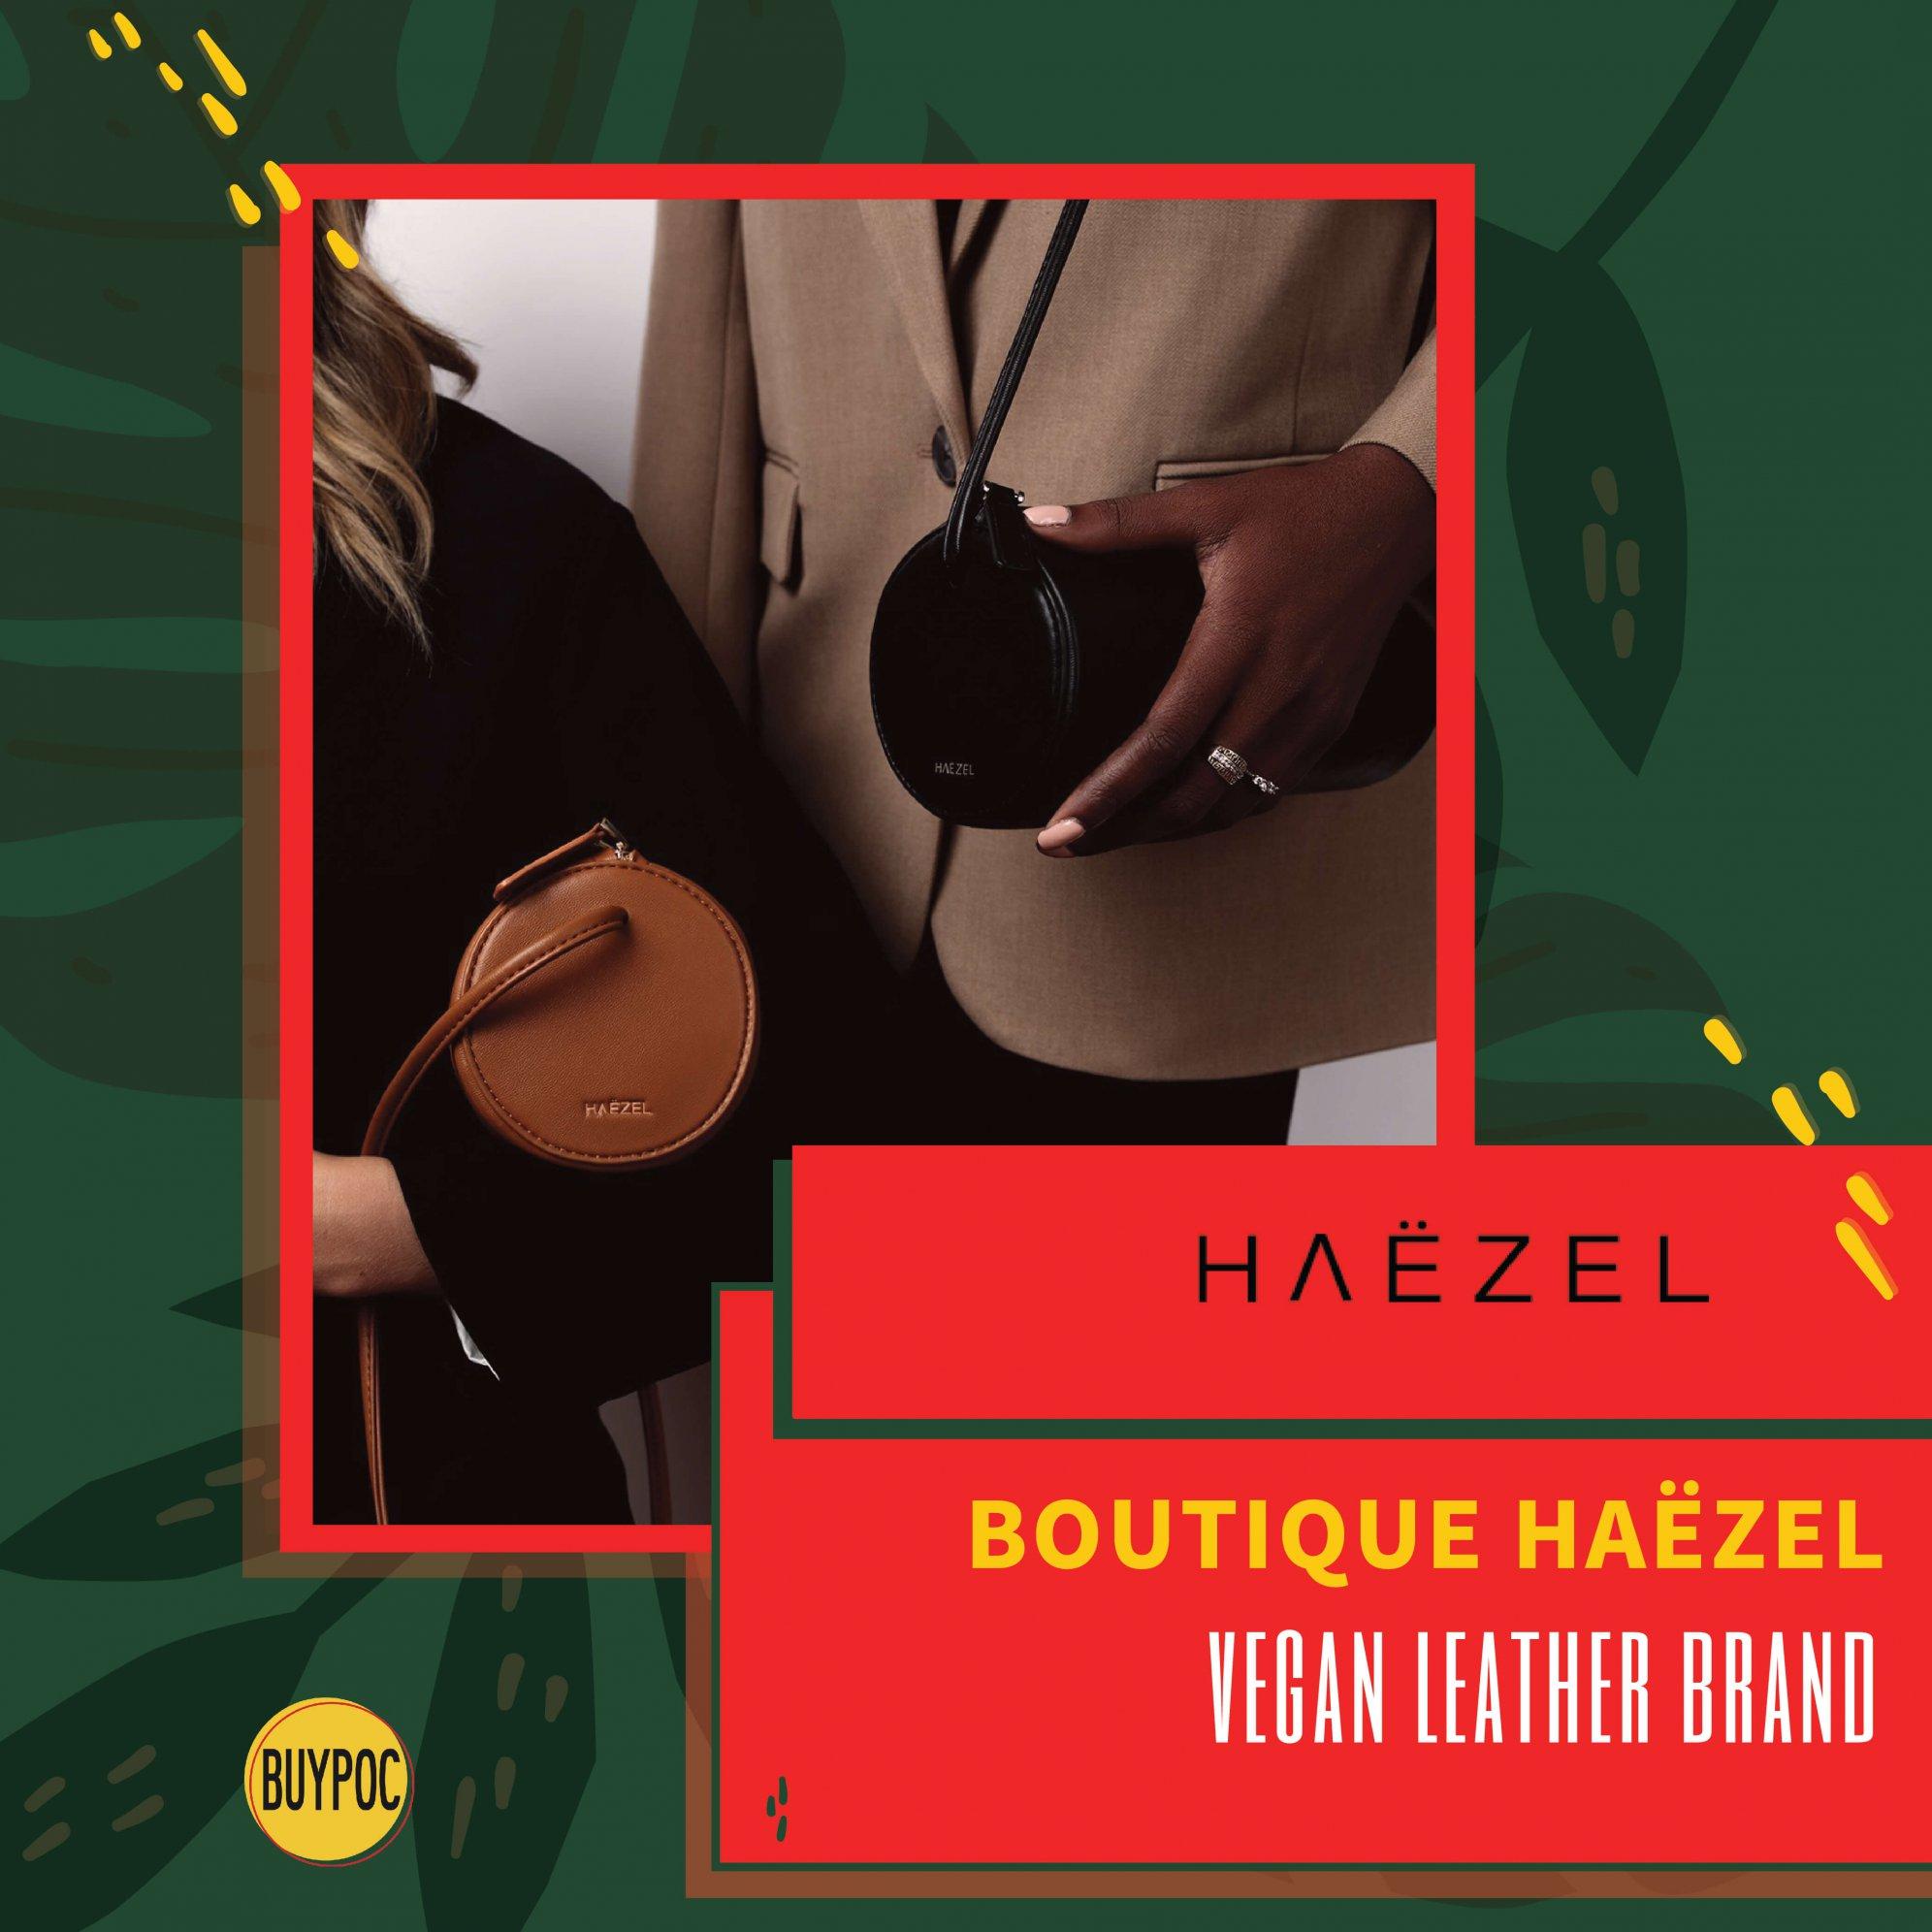 Boutique Haëzel